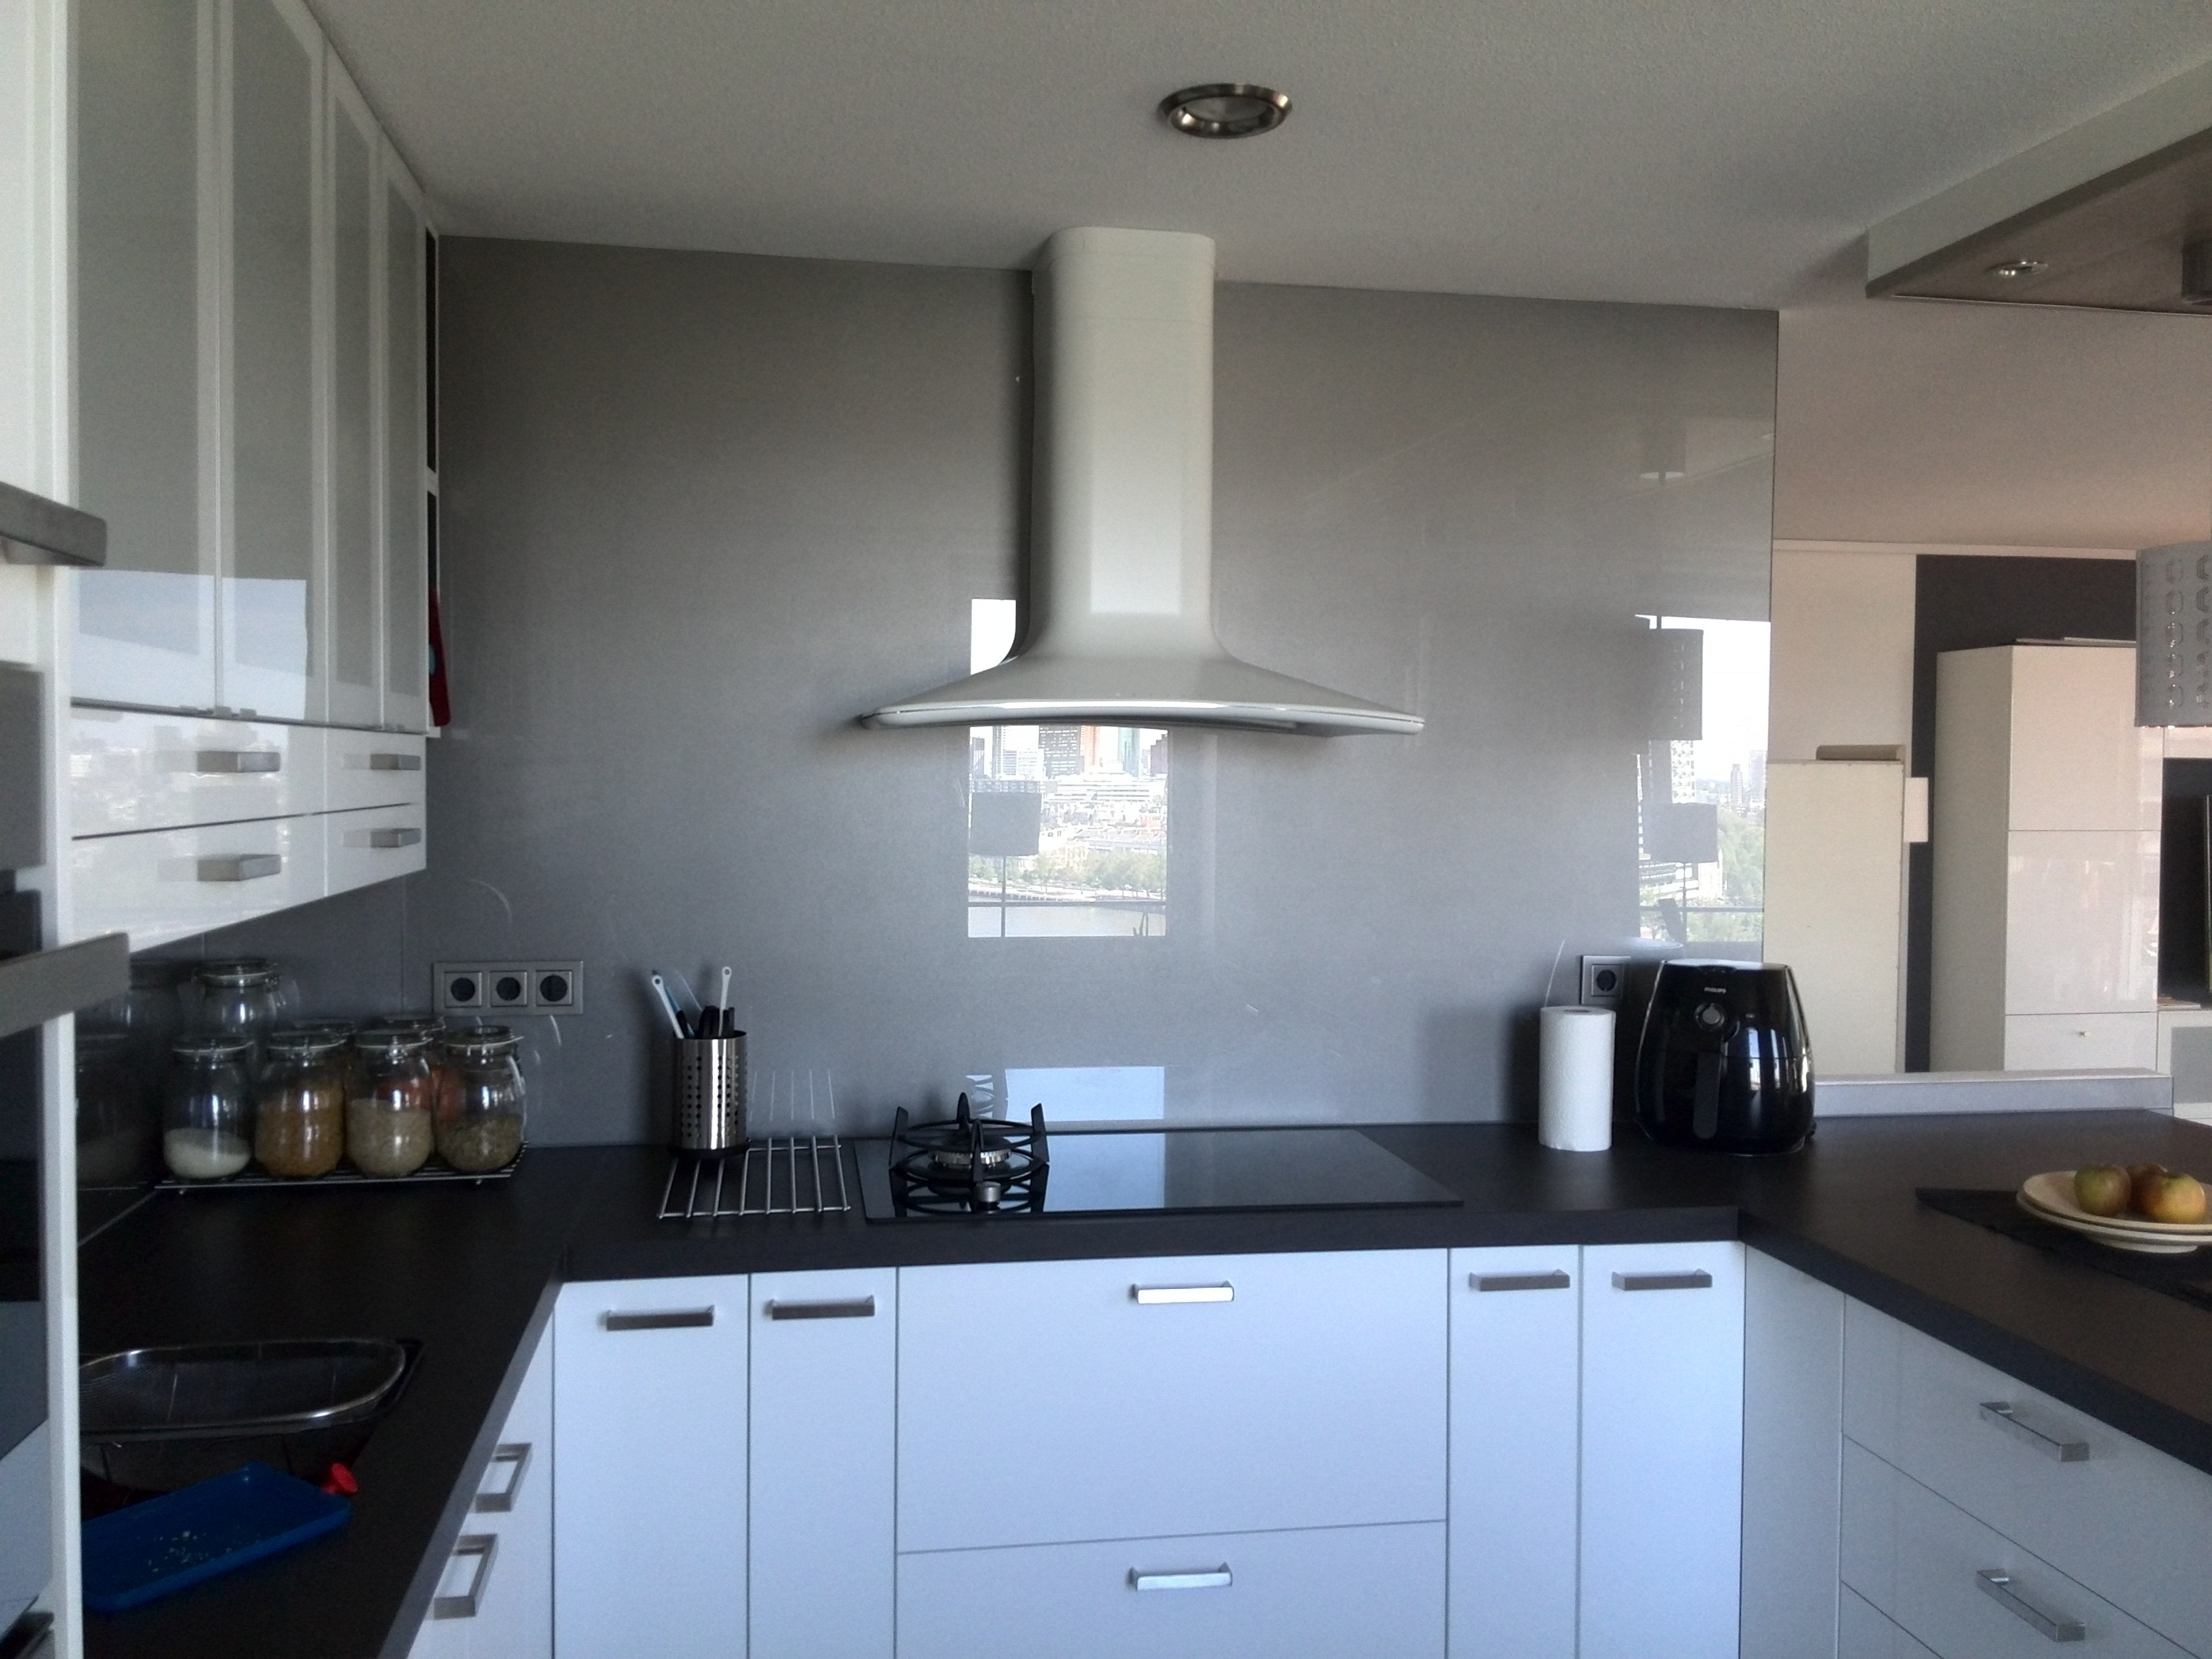 Keuken Glazen Achterwand : Keuken achterwand glas in ral 9007 glasbestellen.nl